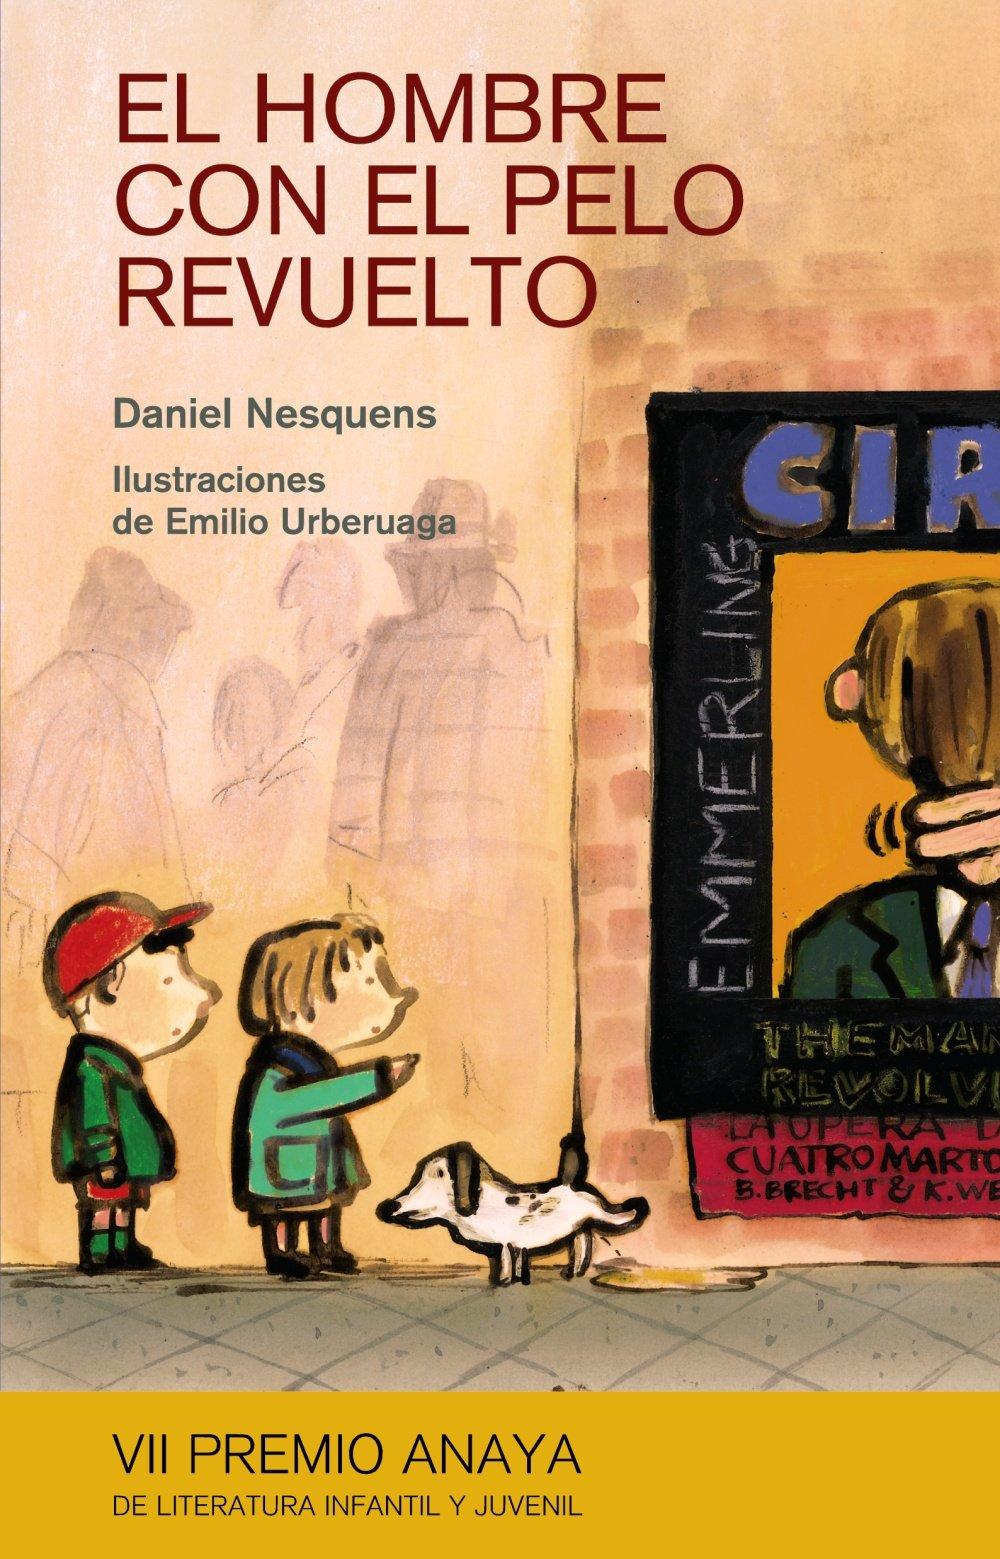 El hombre con el pelo revuelto Literatura Infantil 6-11 Años - Premio Anaya Infantil: Amazon.es: Daniel Nesquens, Emilio Urberuaga: Libros